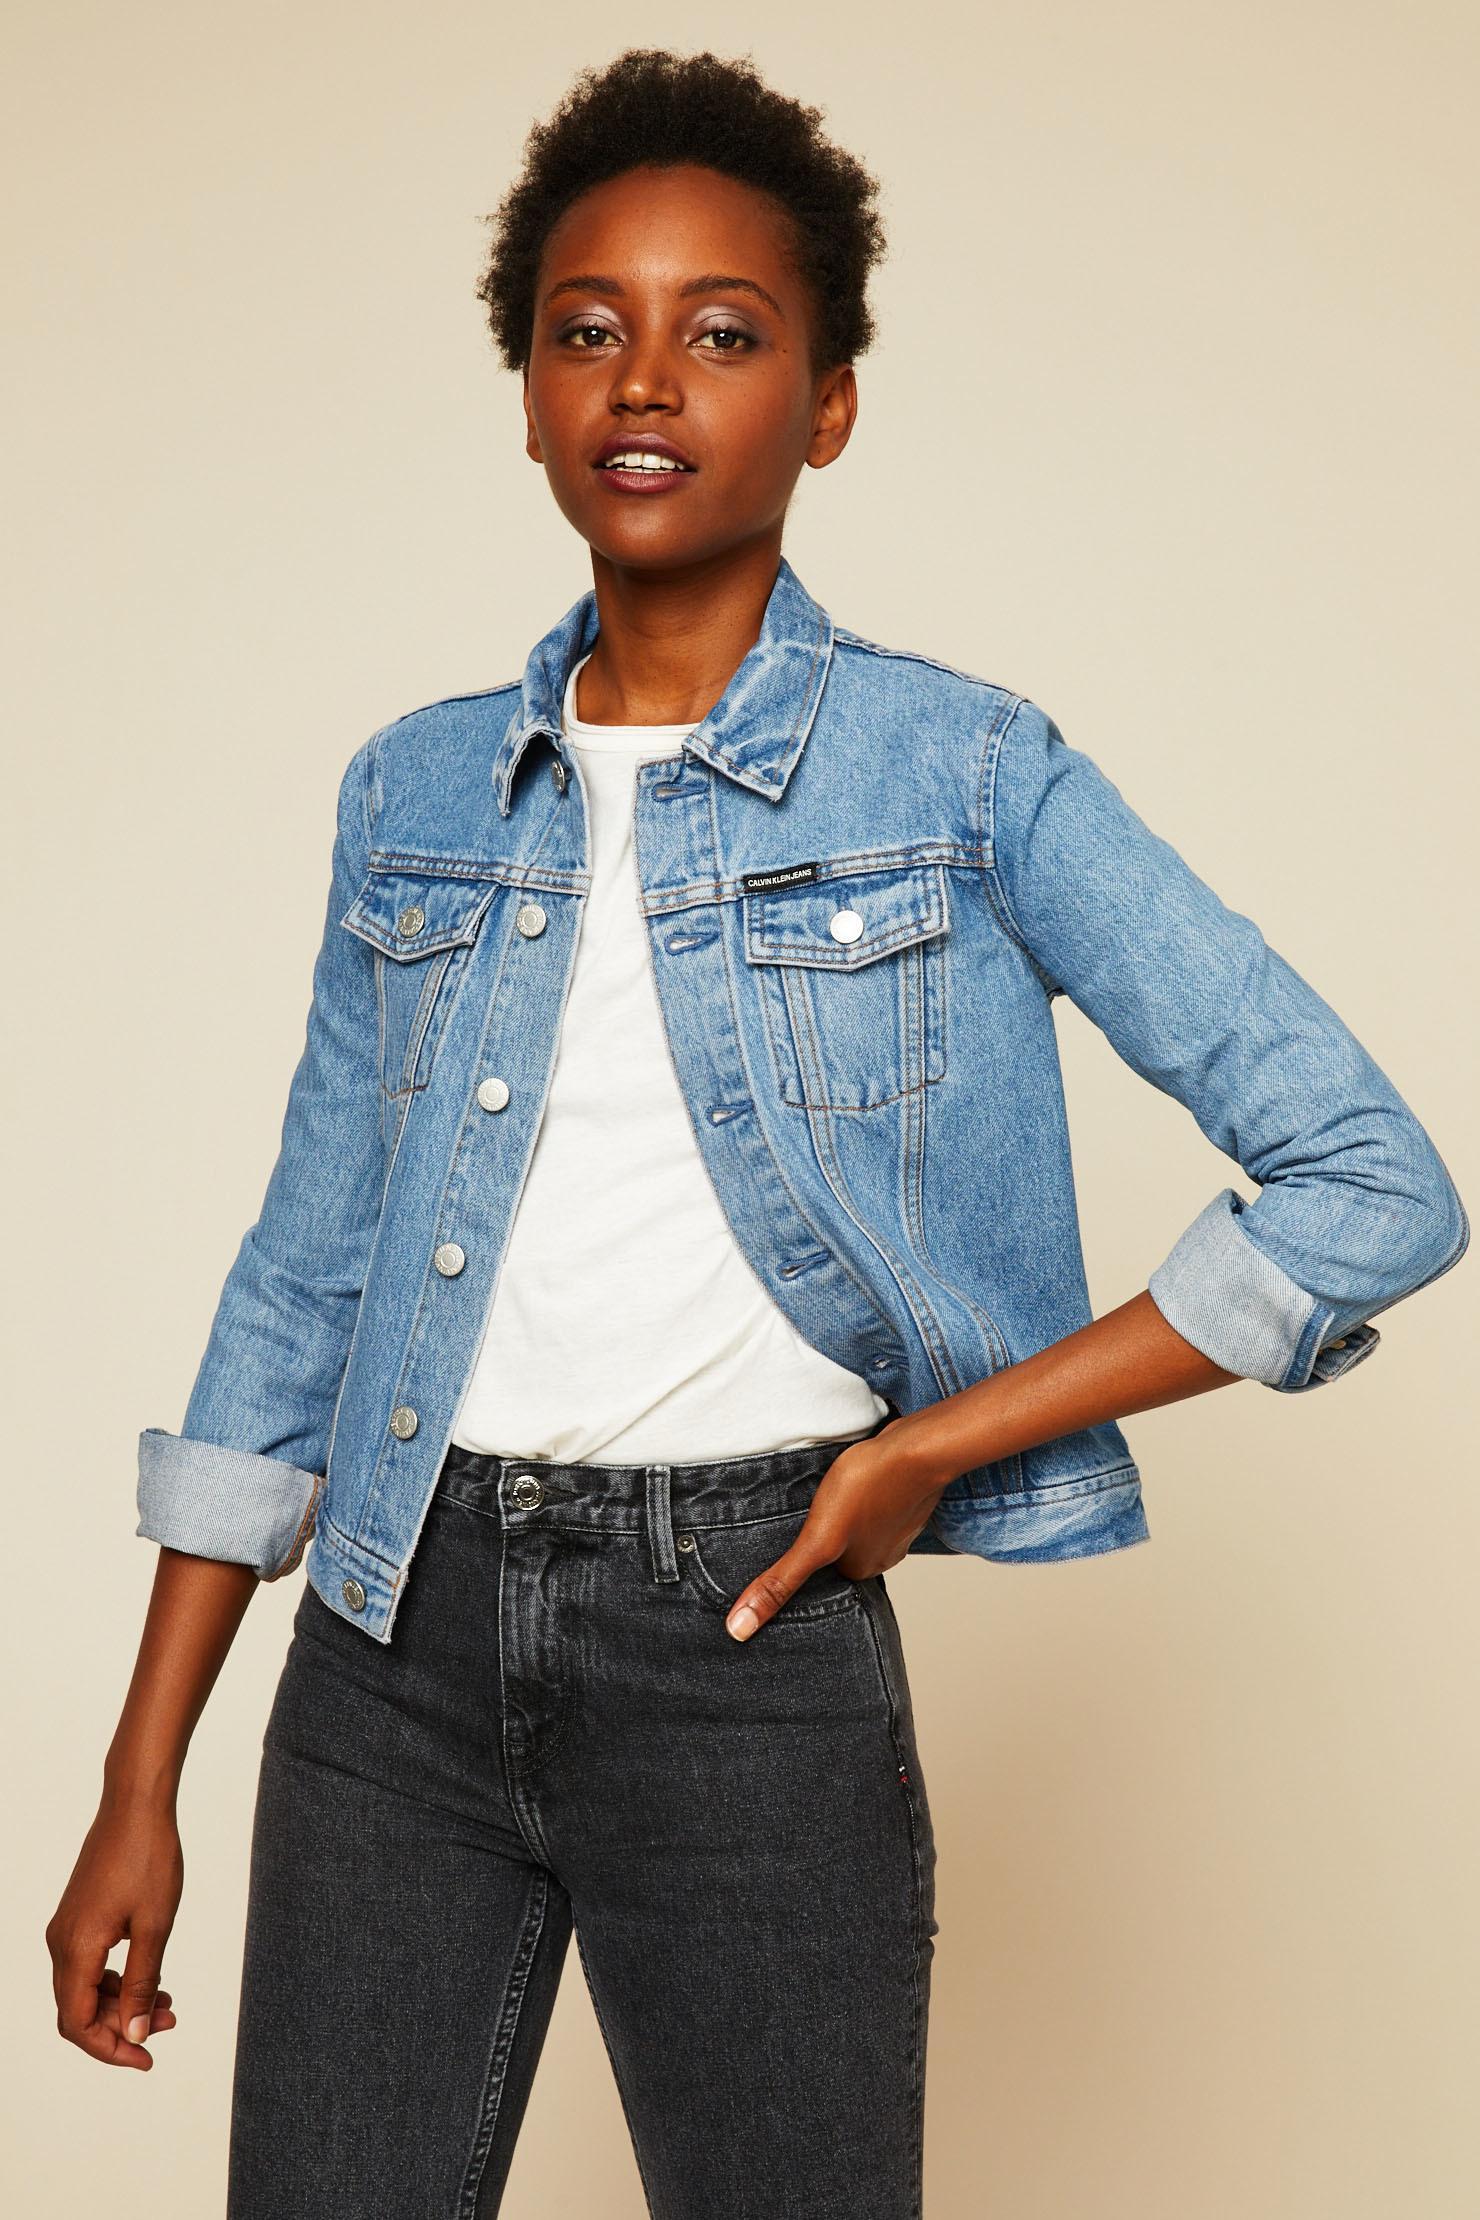 Calvin Klein Veste en jean délavé floqué au dos bleu - Veste en Jeans Femme  Mons... Monshowroom Calvin Klein Veste en jean délavé floqué au dos bleu  Calvin ... 39456fa80f6